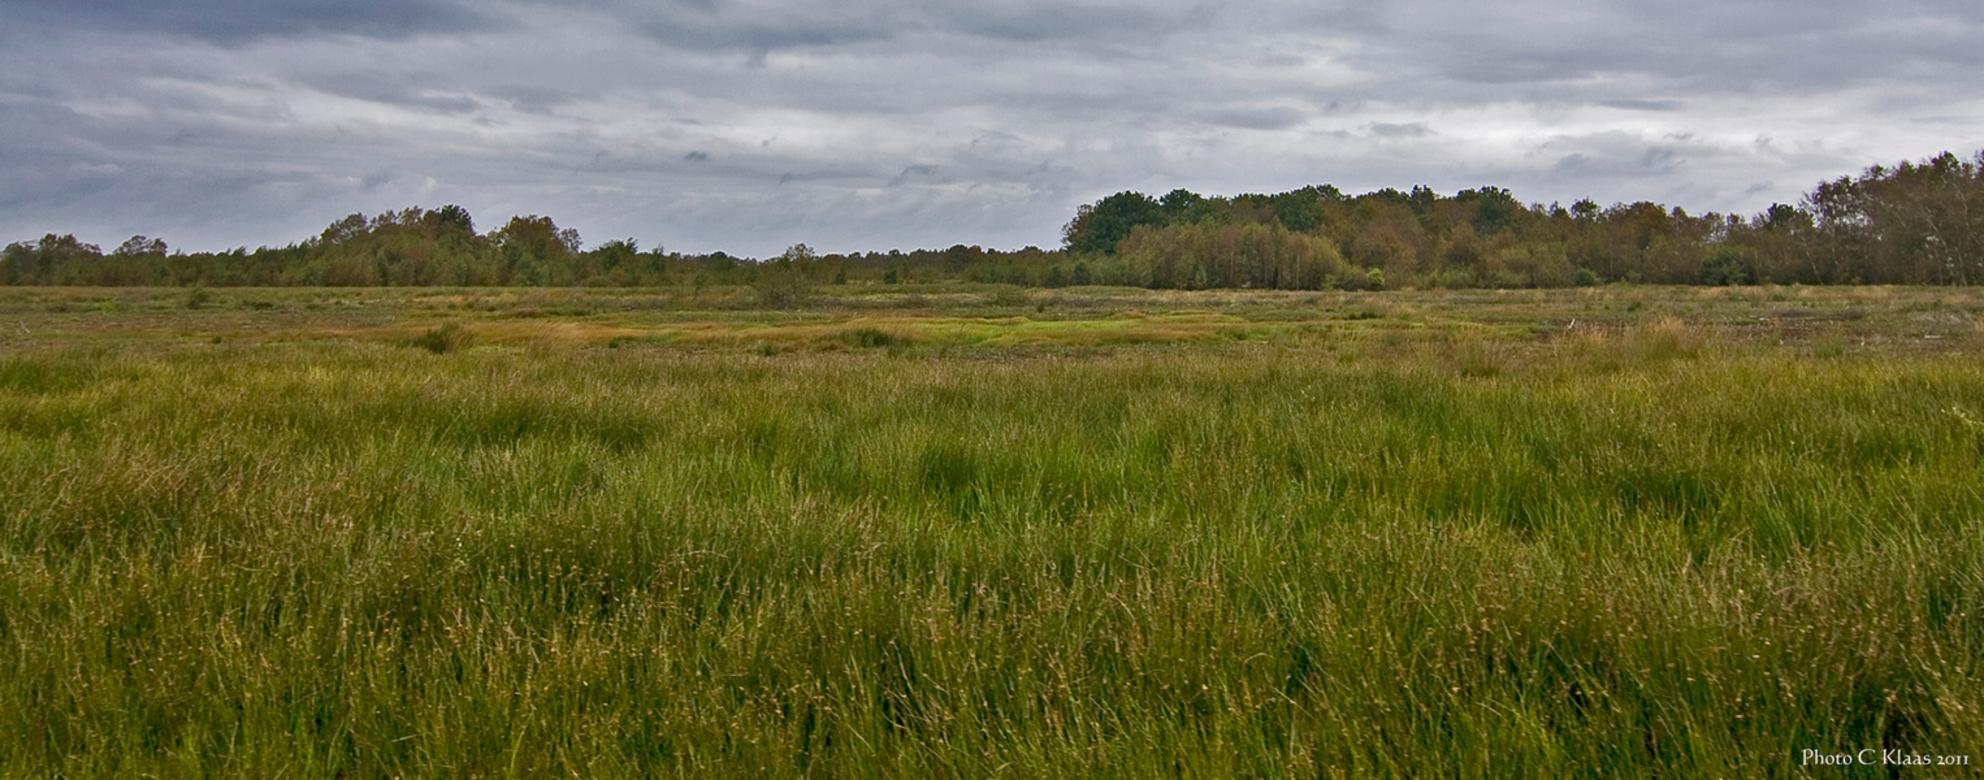 Veenlandschap-02 - Nog een veenlandschap genomen in het fraaie Drenthe. Bedankt voor de fijne reacties. - foto door k.tien op 08-10-2011 - deze foto bevat: veenlandschap